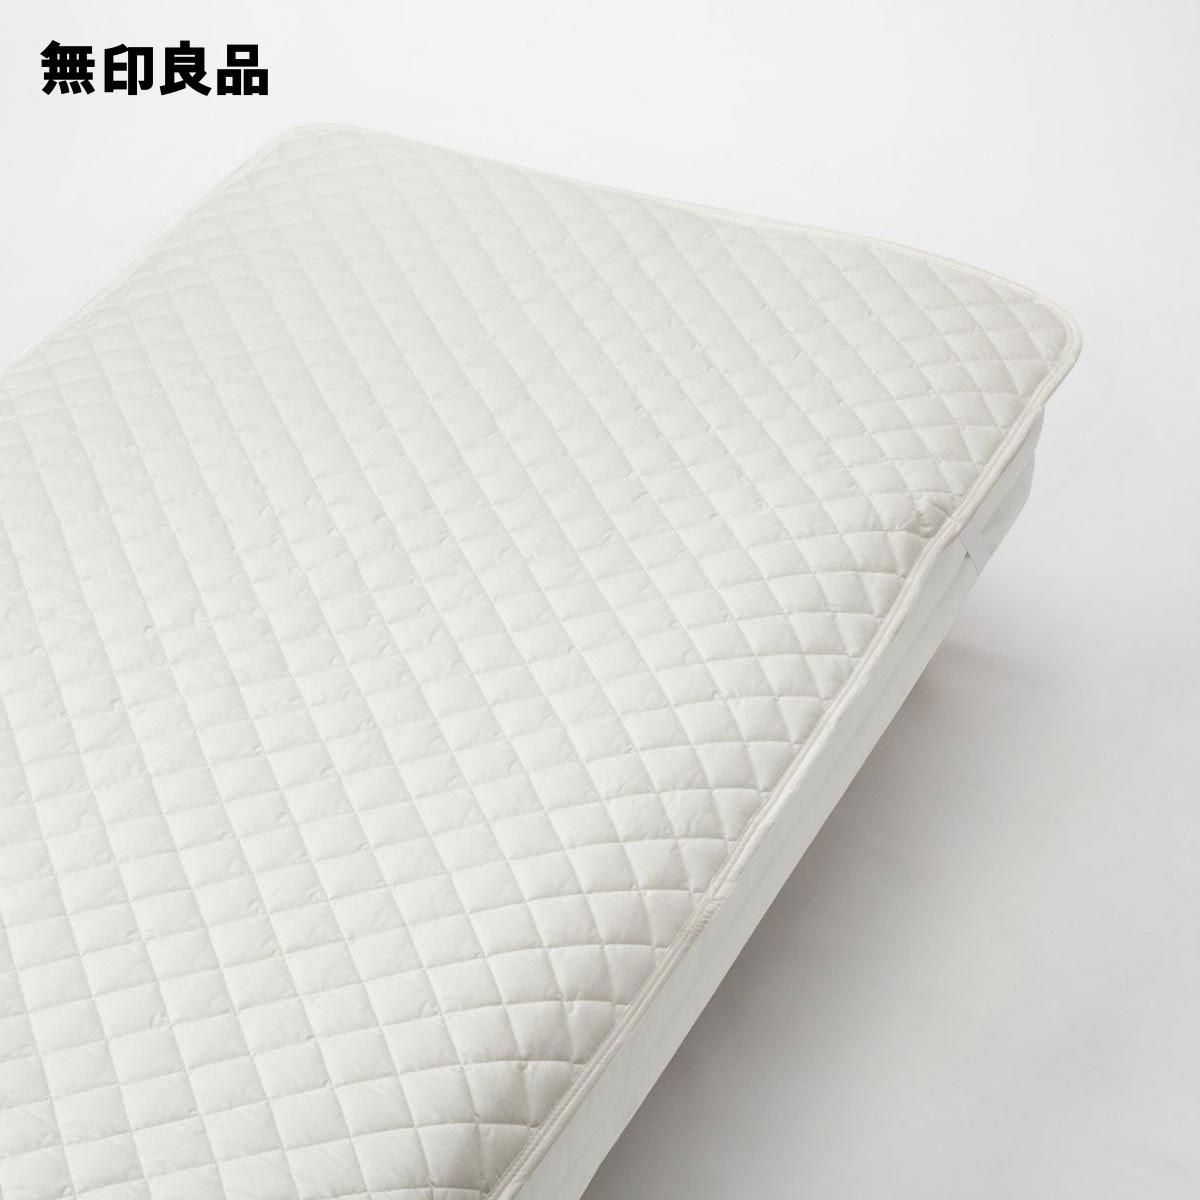 新作送料無料 無印良品 公式 ポリエステルわたベッドパッド シングル 100×200cm 推奨 ゴム付